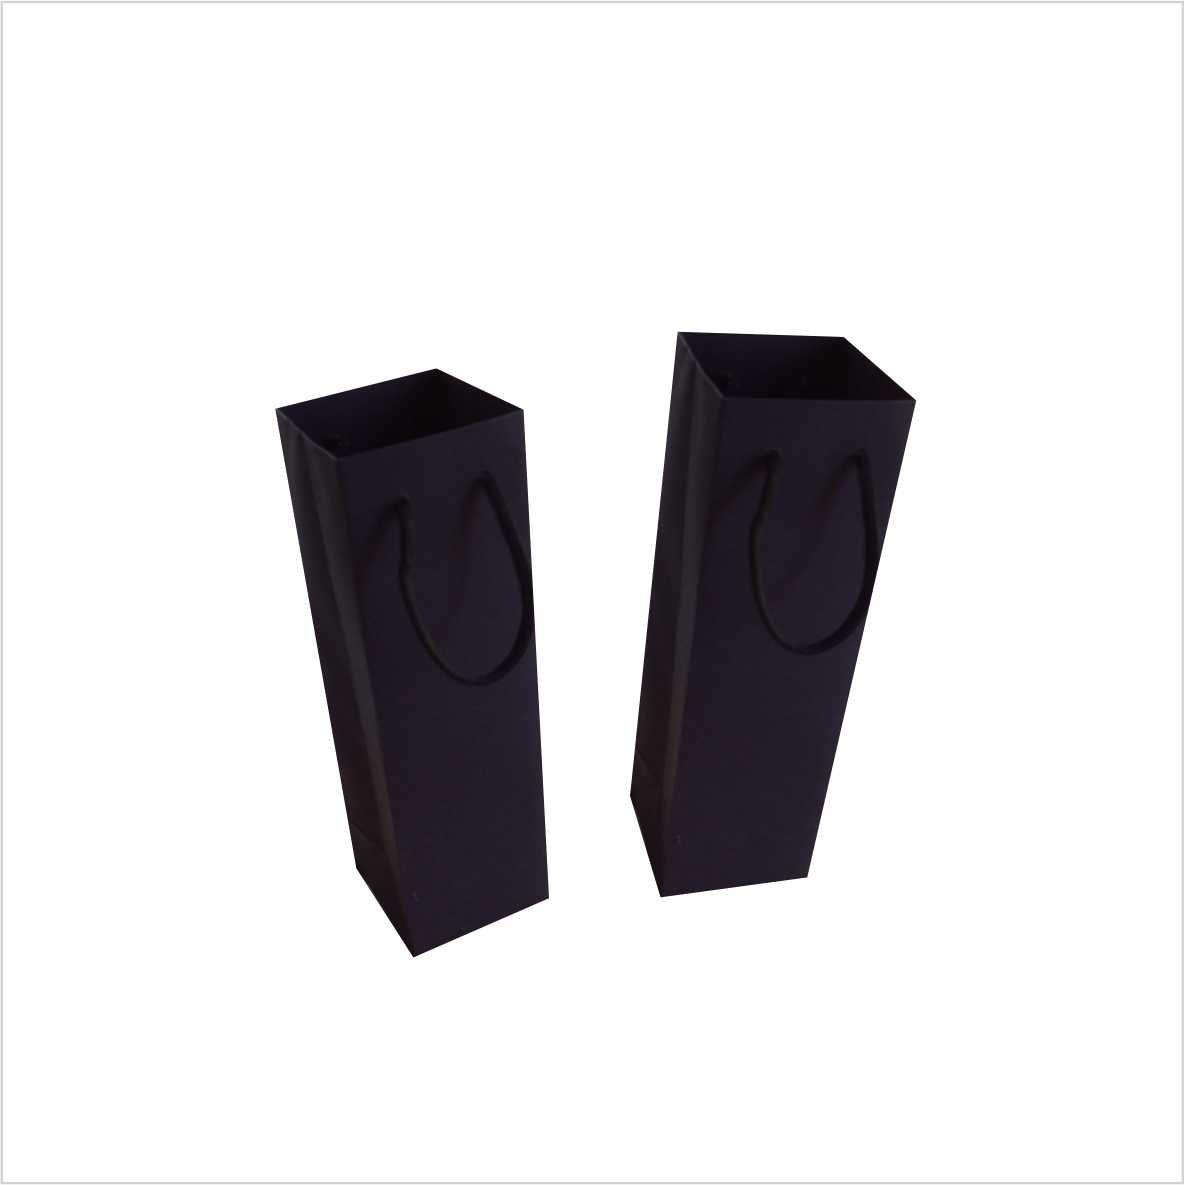 Sacola de papel cor preta para copo long drink ou taça - 10 unidades